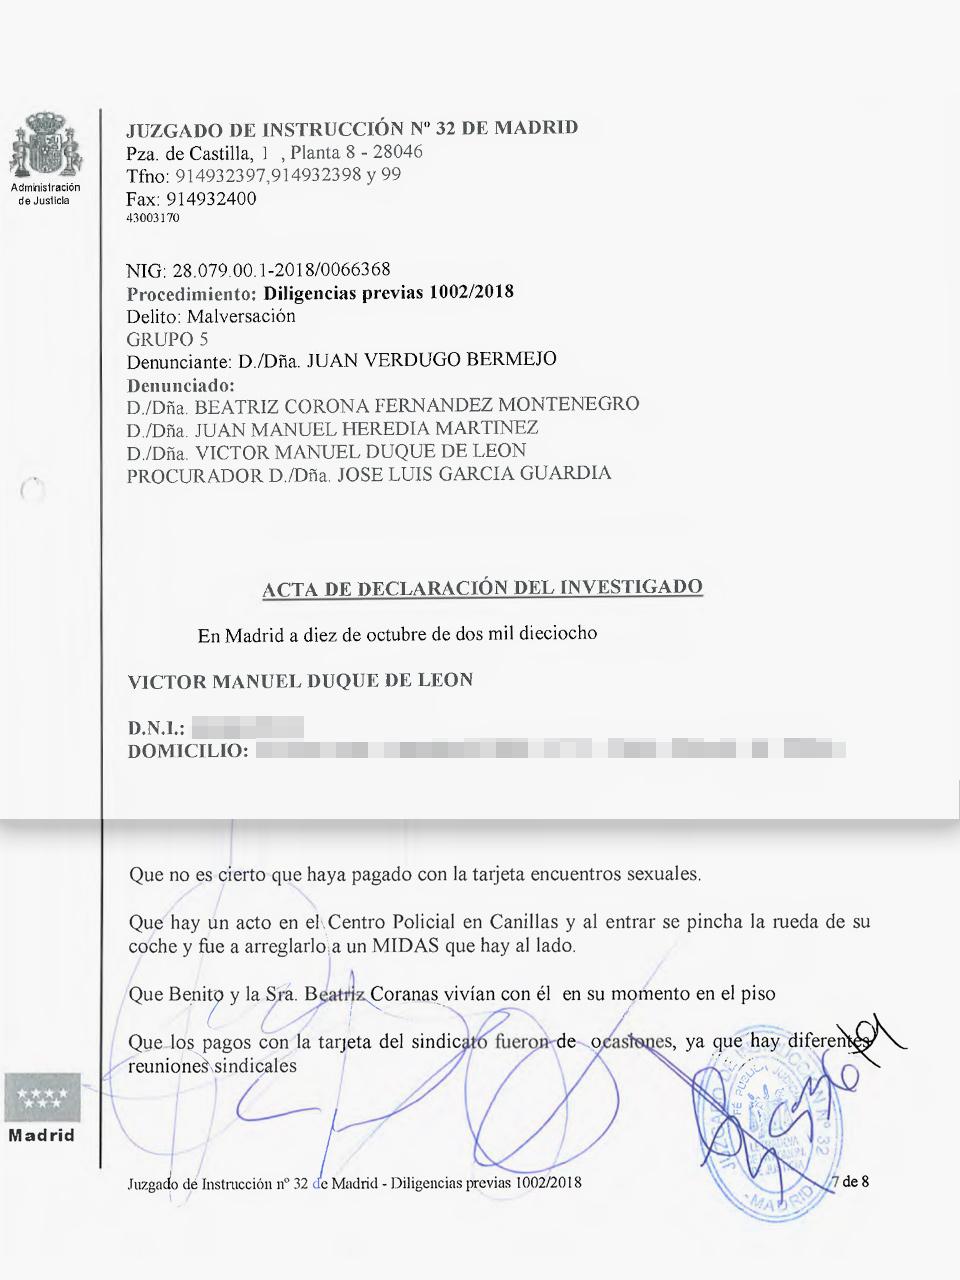 Acta de la declaración judicial de Víctor Duque como investigado con la firma de éste (segunda rúbrica por la izquierda).